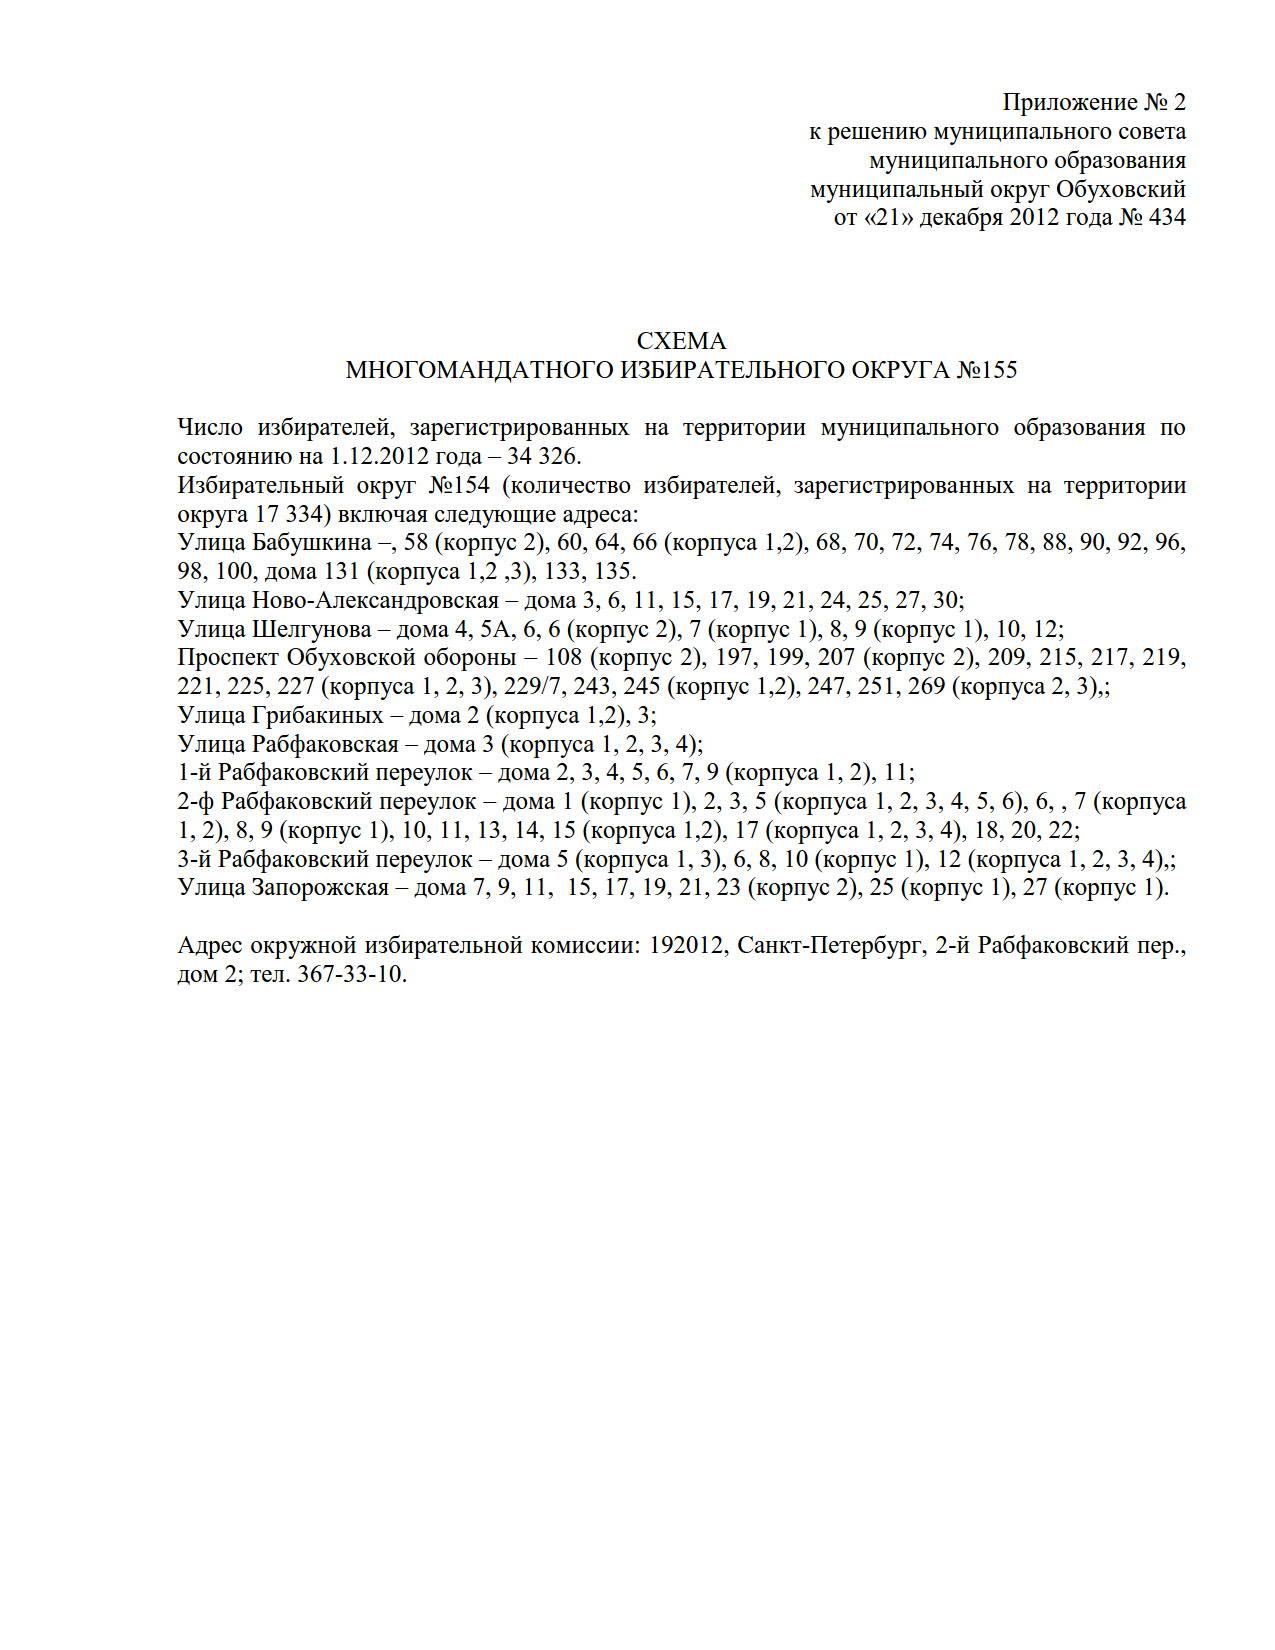 Решение 434 об утверждении схем_4